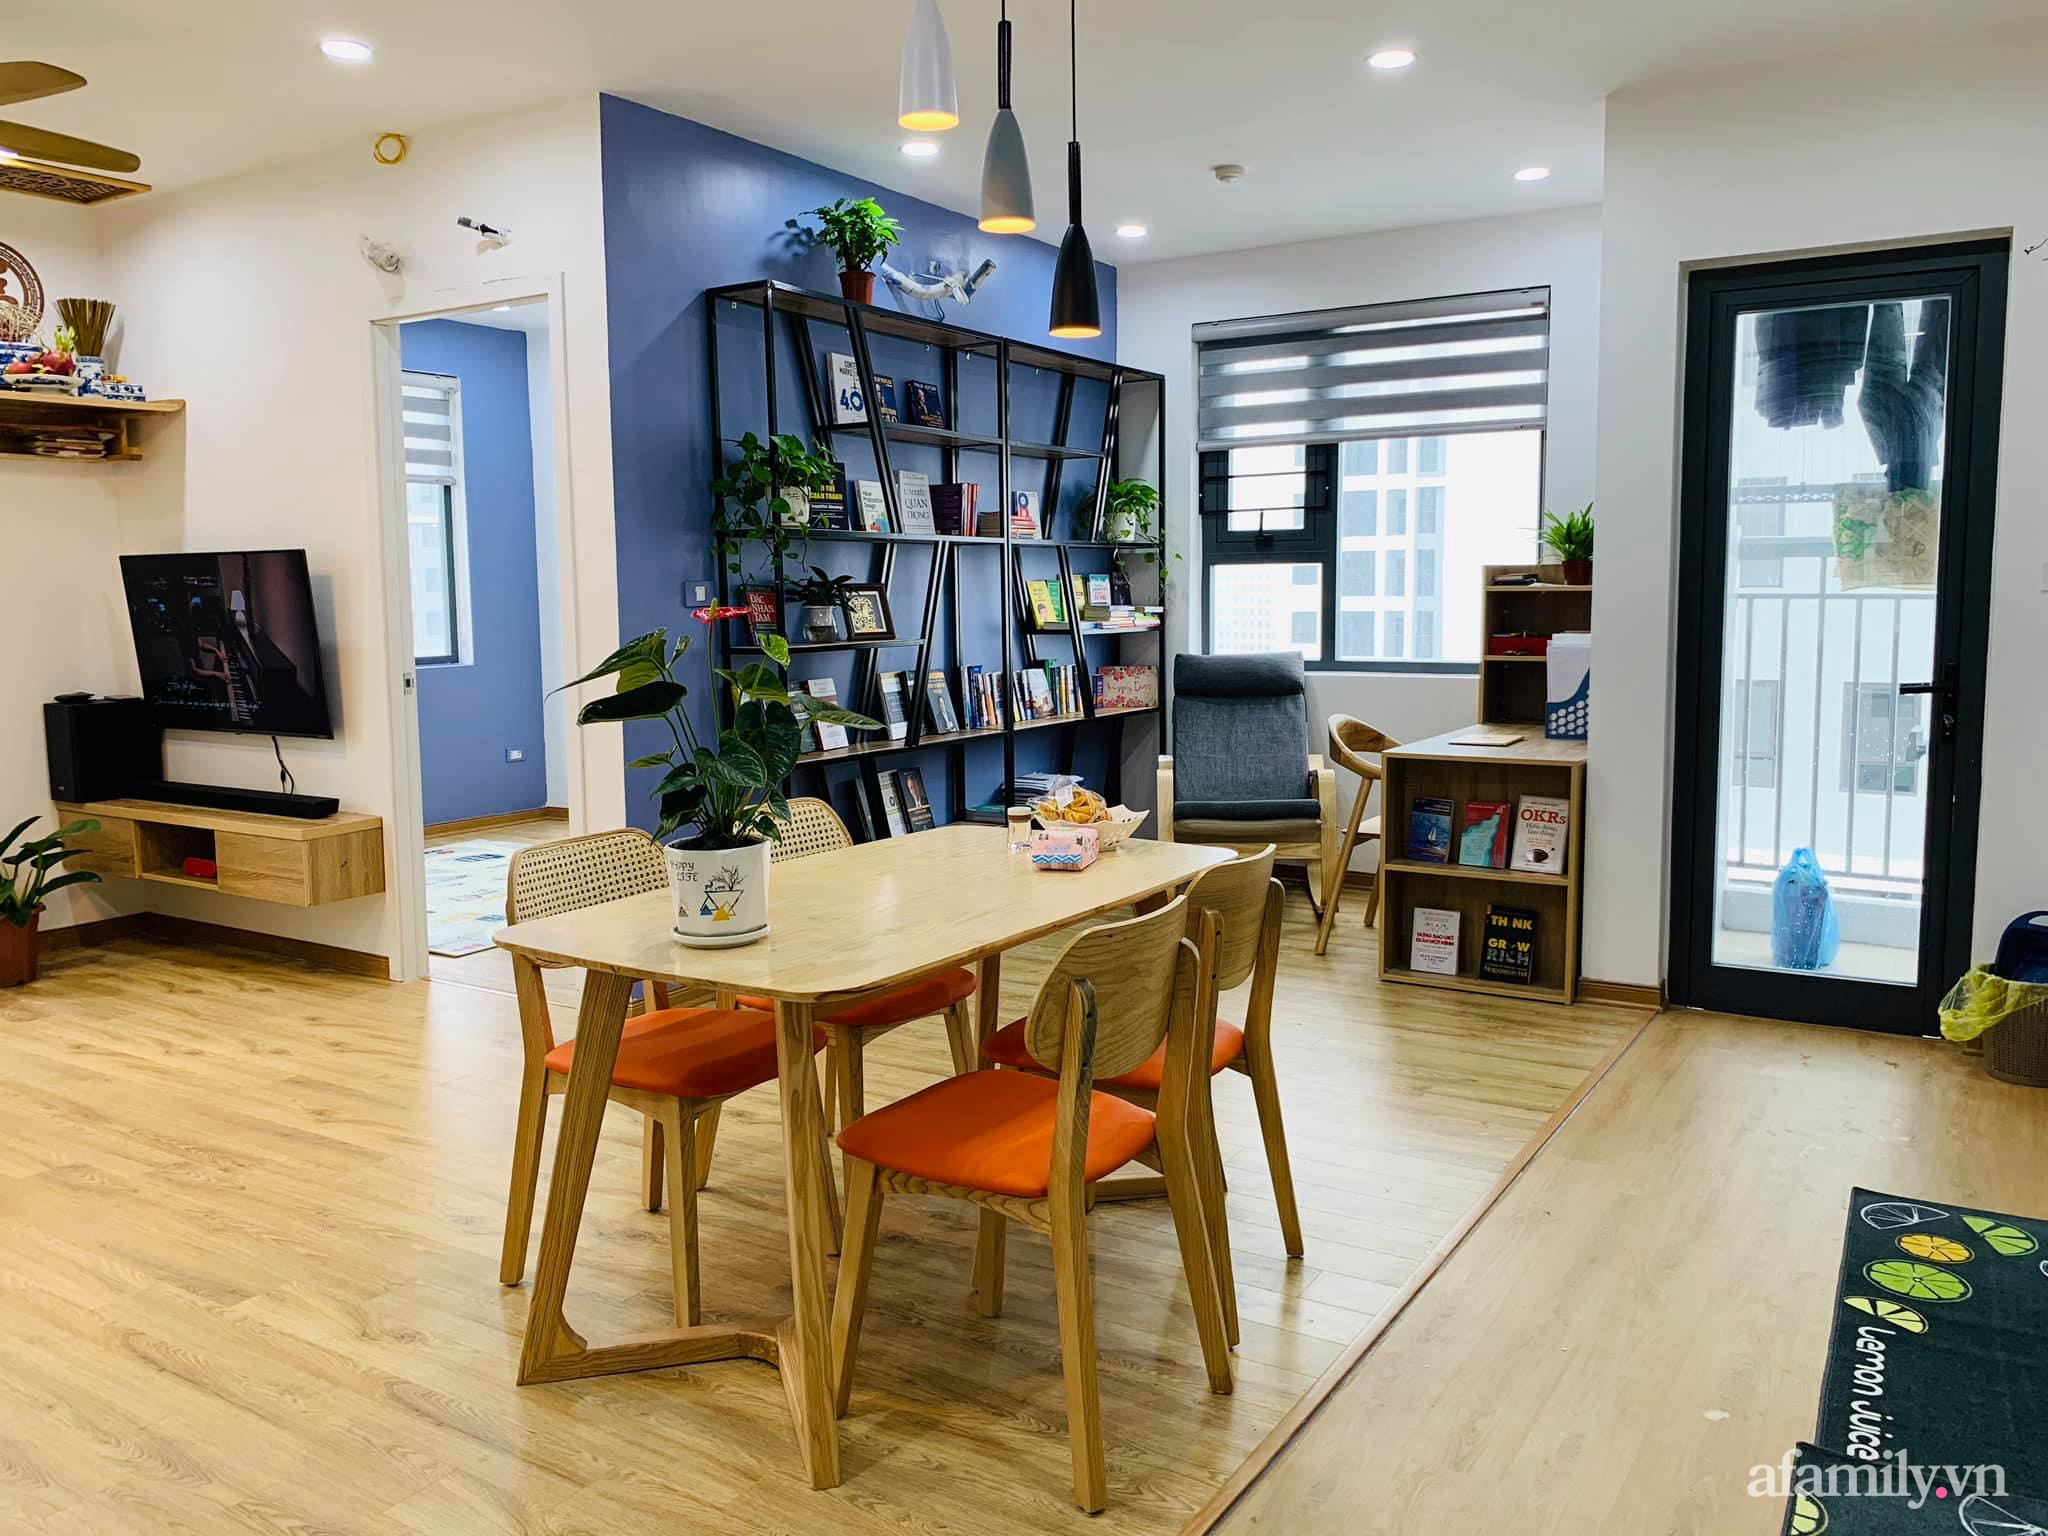 Nhà ở xã hội 69m² siêu ấm áp và tiện ích có chi phí cải tạo 200 triệu đồng của cặp vợ chồng 9X ở Từ Liêm, Hà Nội - Ảnh 13.